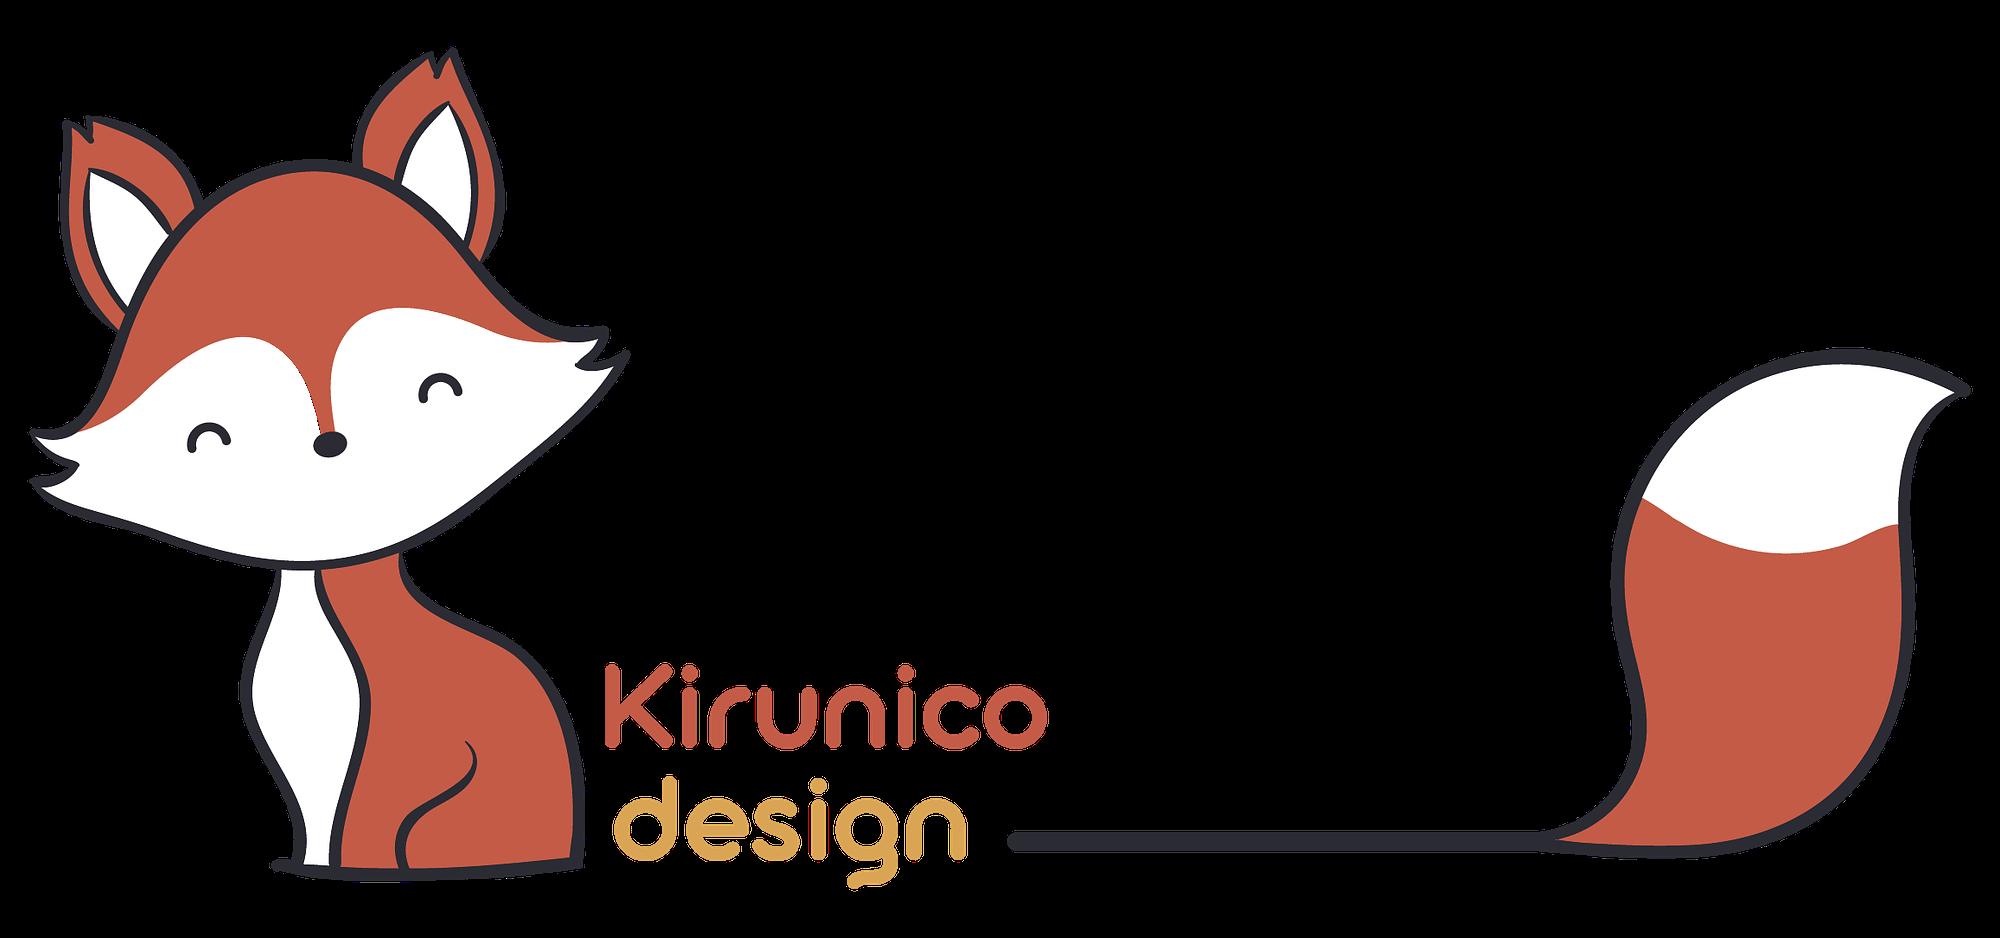 Kirunico